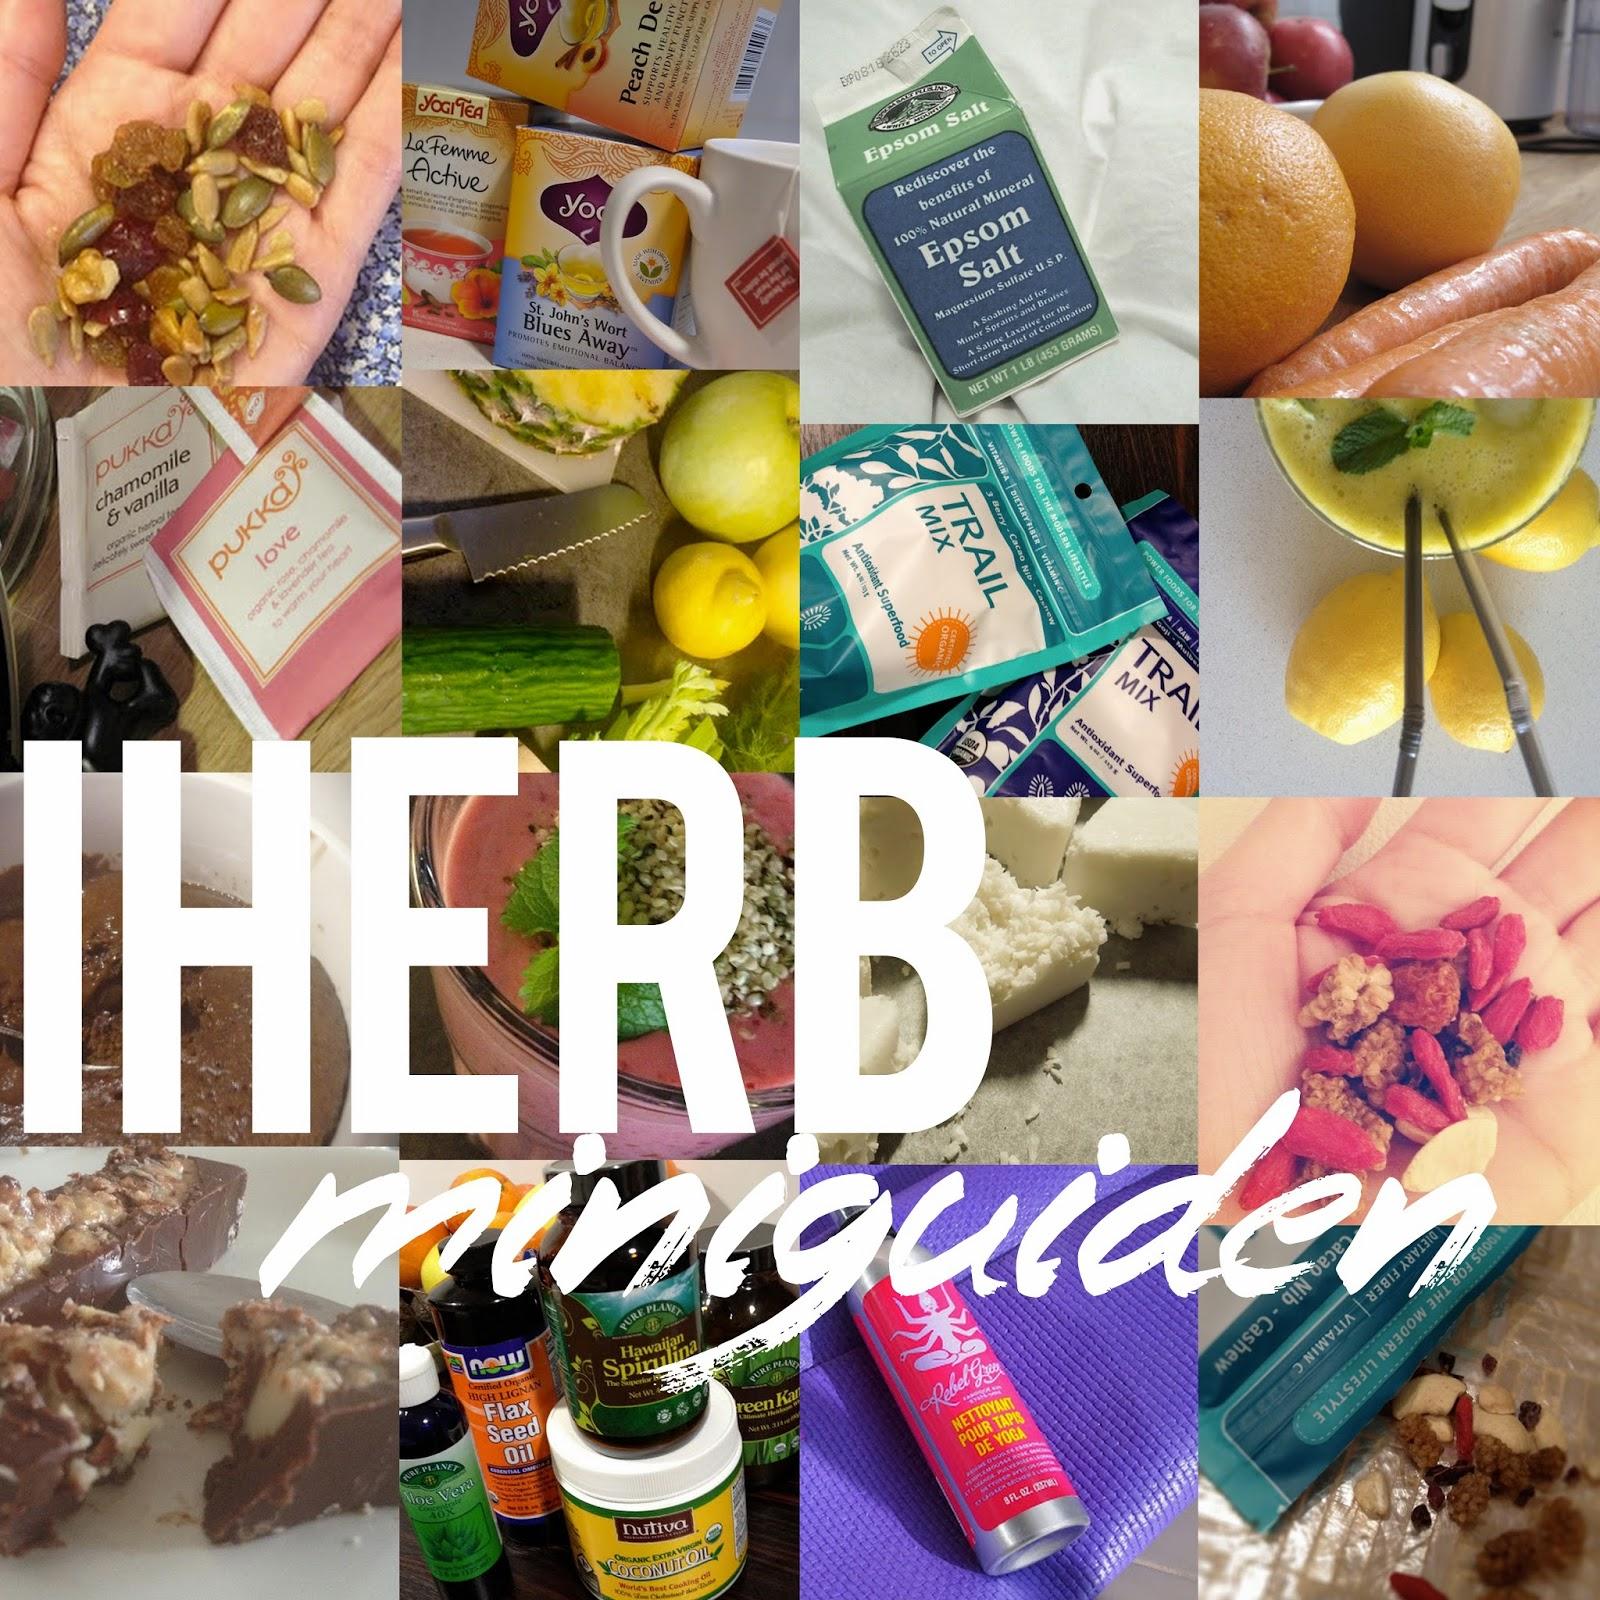 Iherb miniguiden